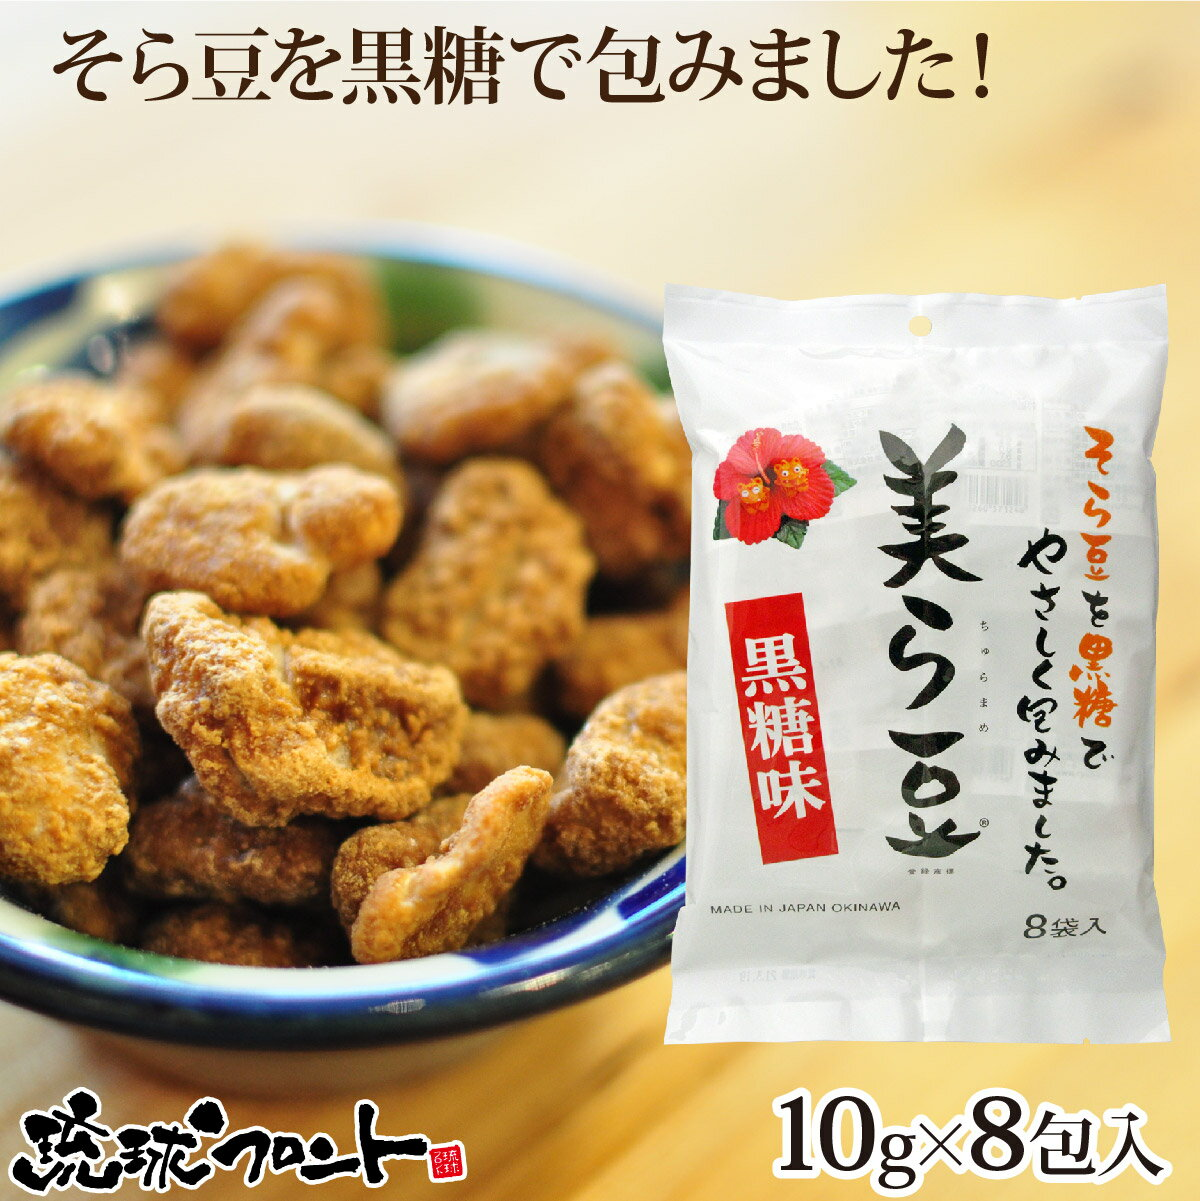 【今だけ5%OFF】【メーカー直売】美ら豆(ちゅらまめ・黒糖そら豆)(10gx8入) 沖縄土産